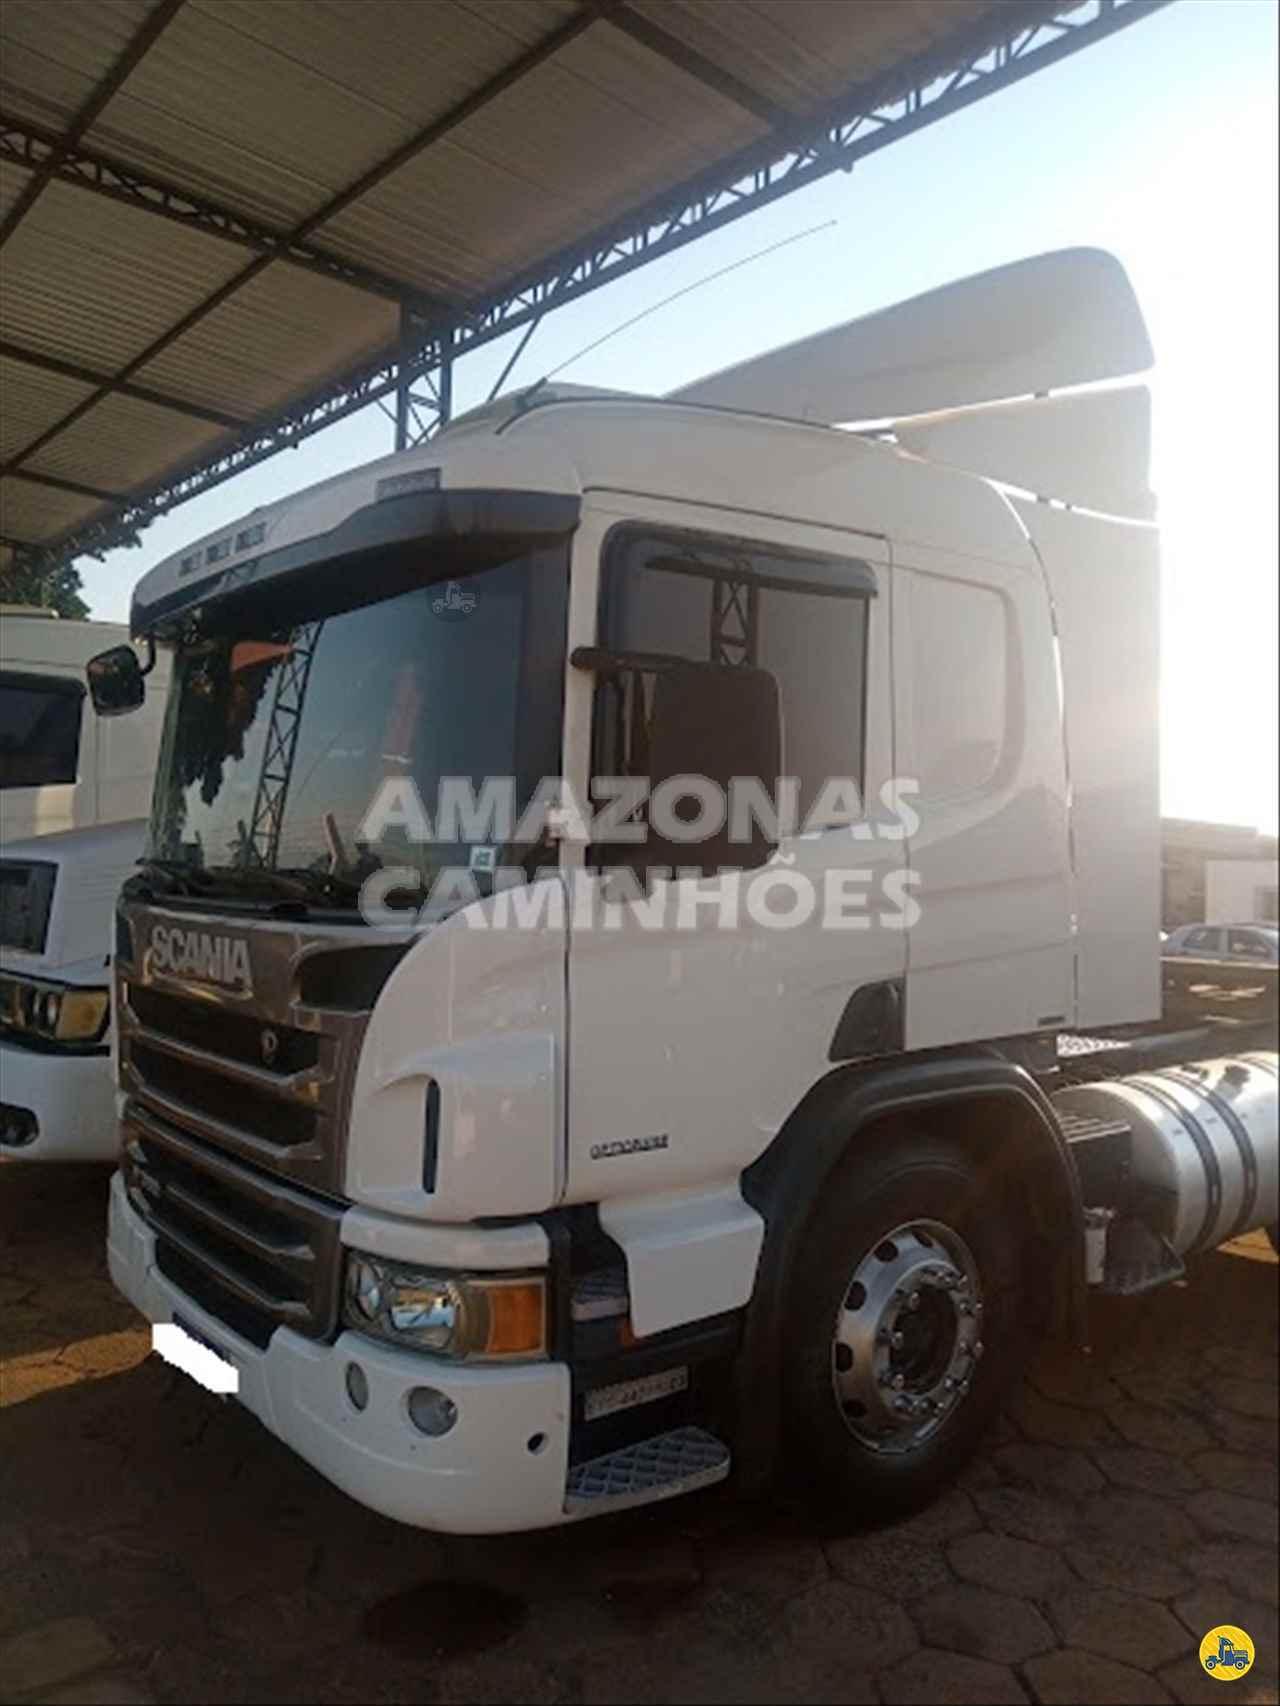 CAMINHAO SCANIA SCANIA P360 Cavalo Mecânico Truck 6x2 Amazonas Caminhões - SP MARILIA SÃO PAULO SP